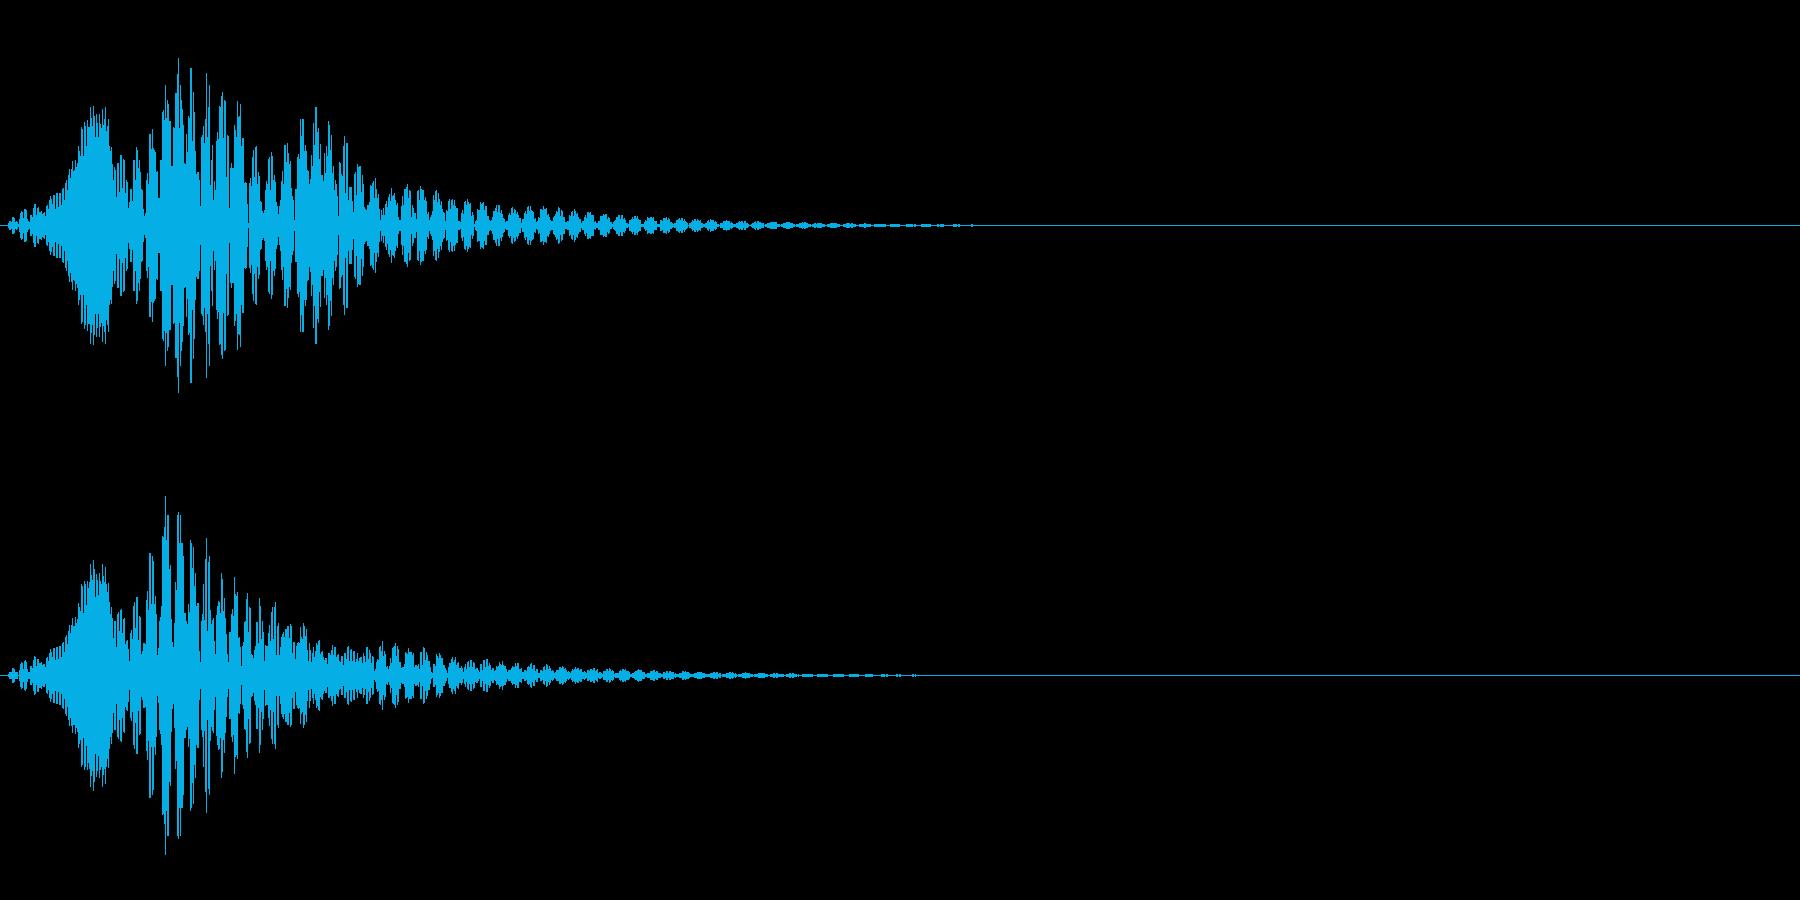 ボワン(状態異常回復・アイテム使用の音)の再生済みの波形